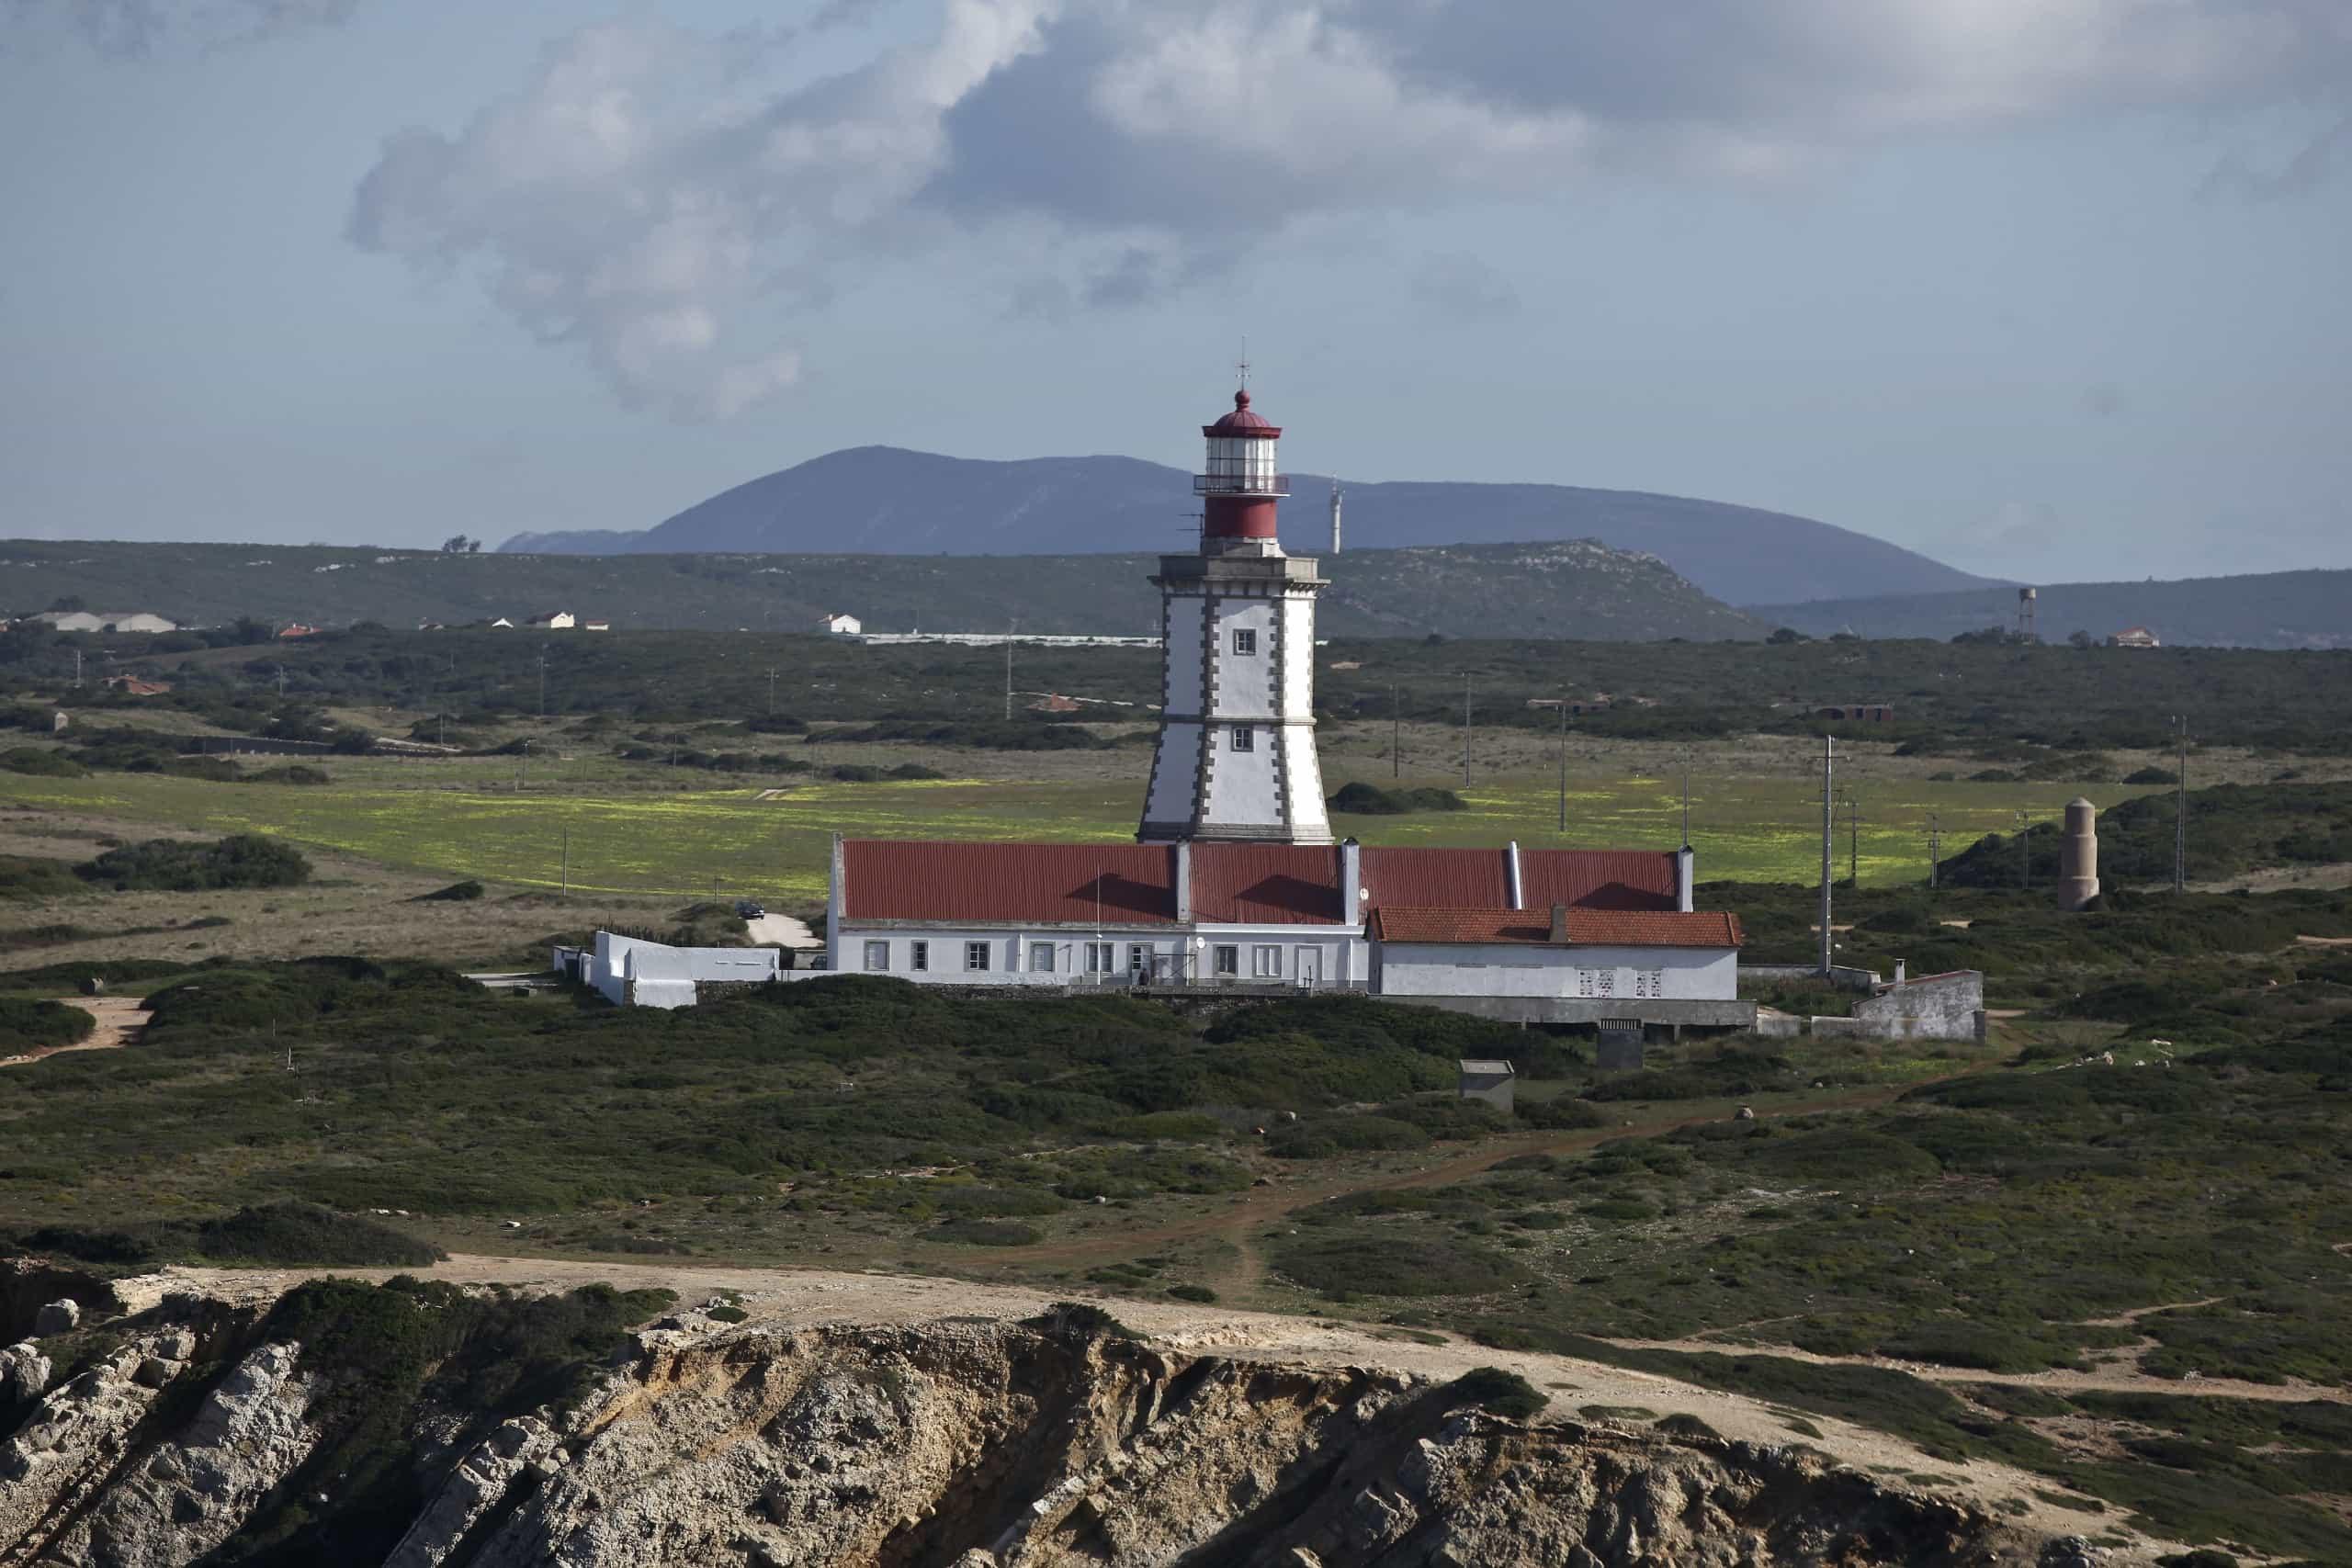 Programa da Orla Costeira de Alcobaça com investimento de 234 milhões